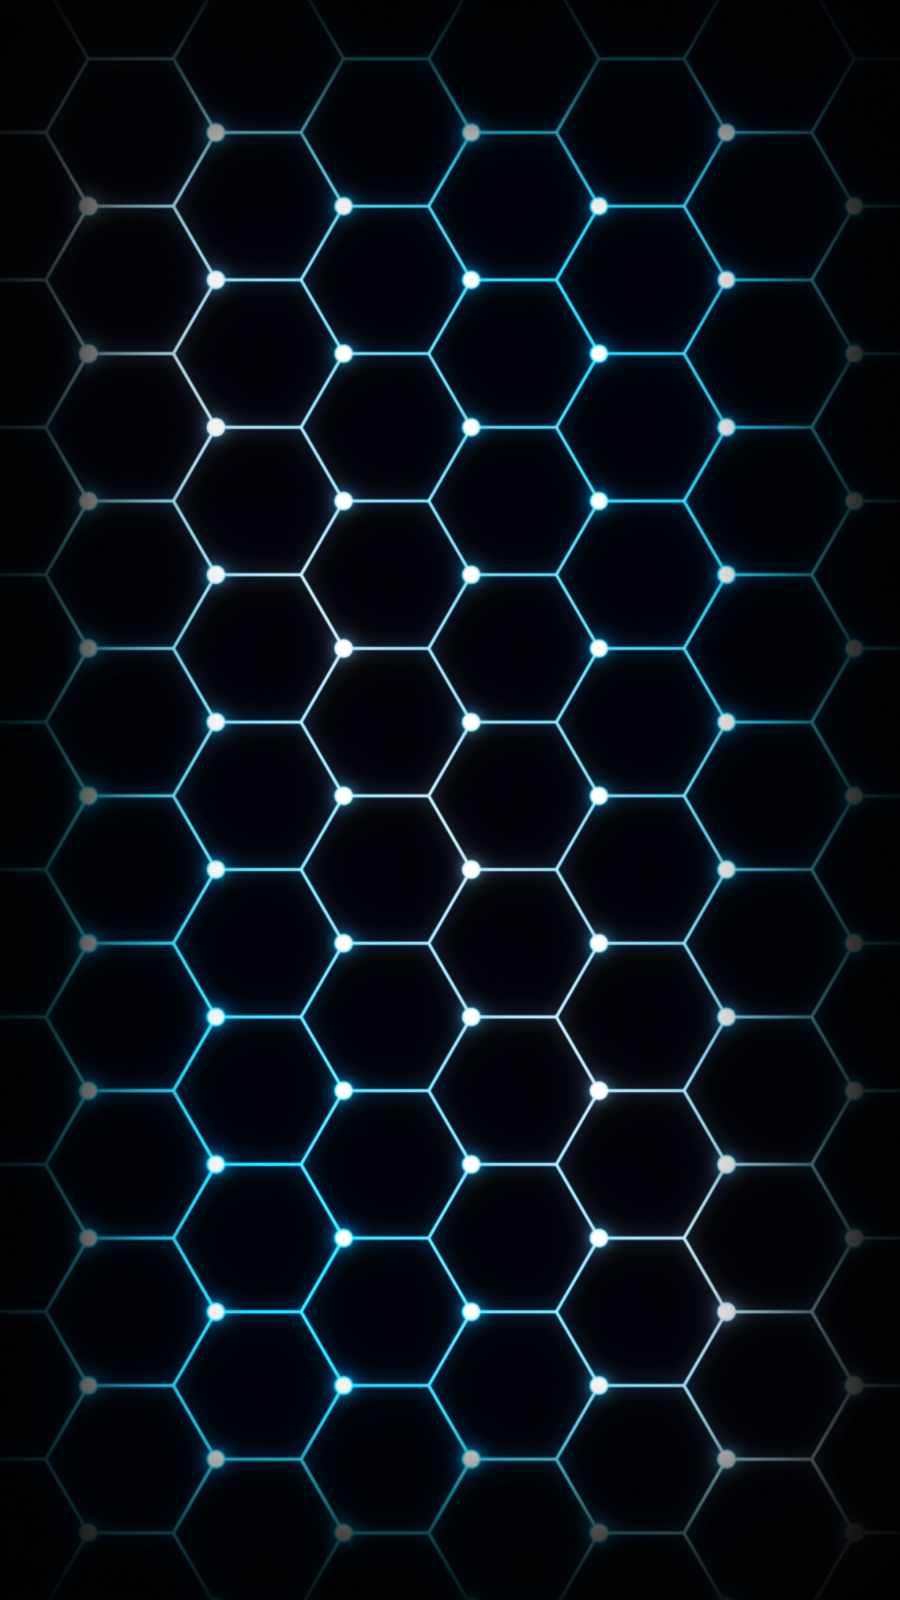 Hexagon Mesh iPhone Wallpaper